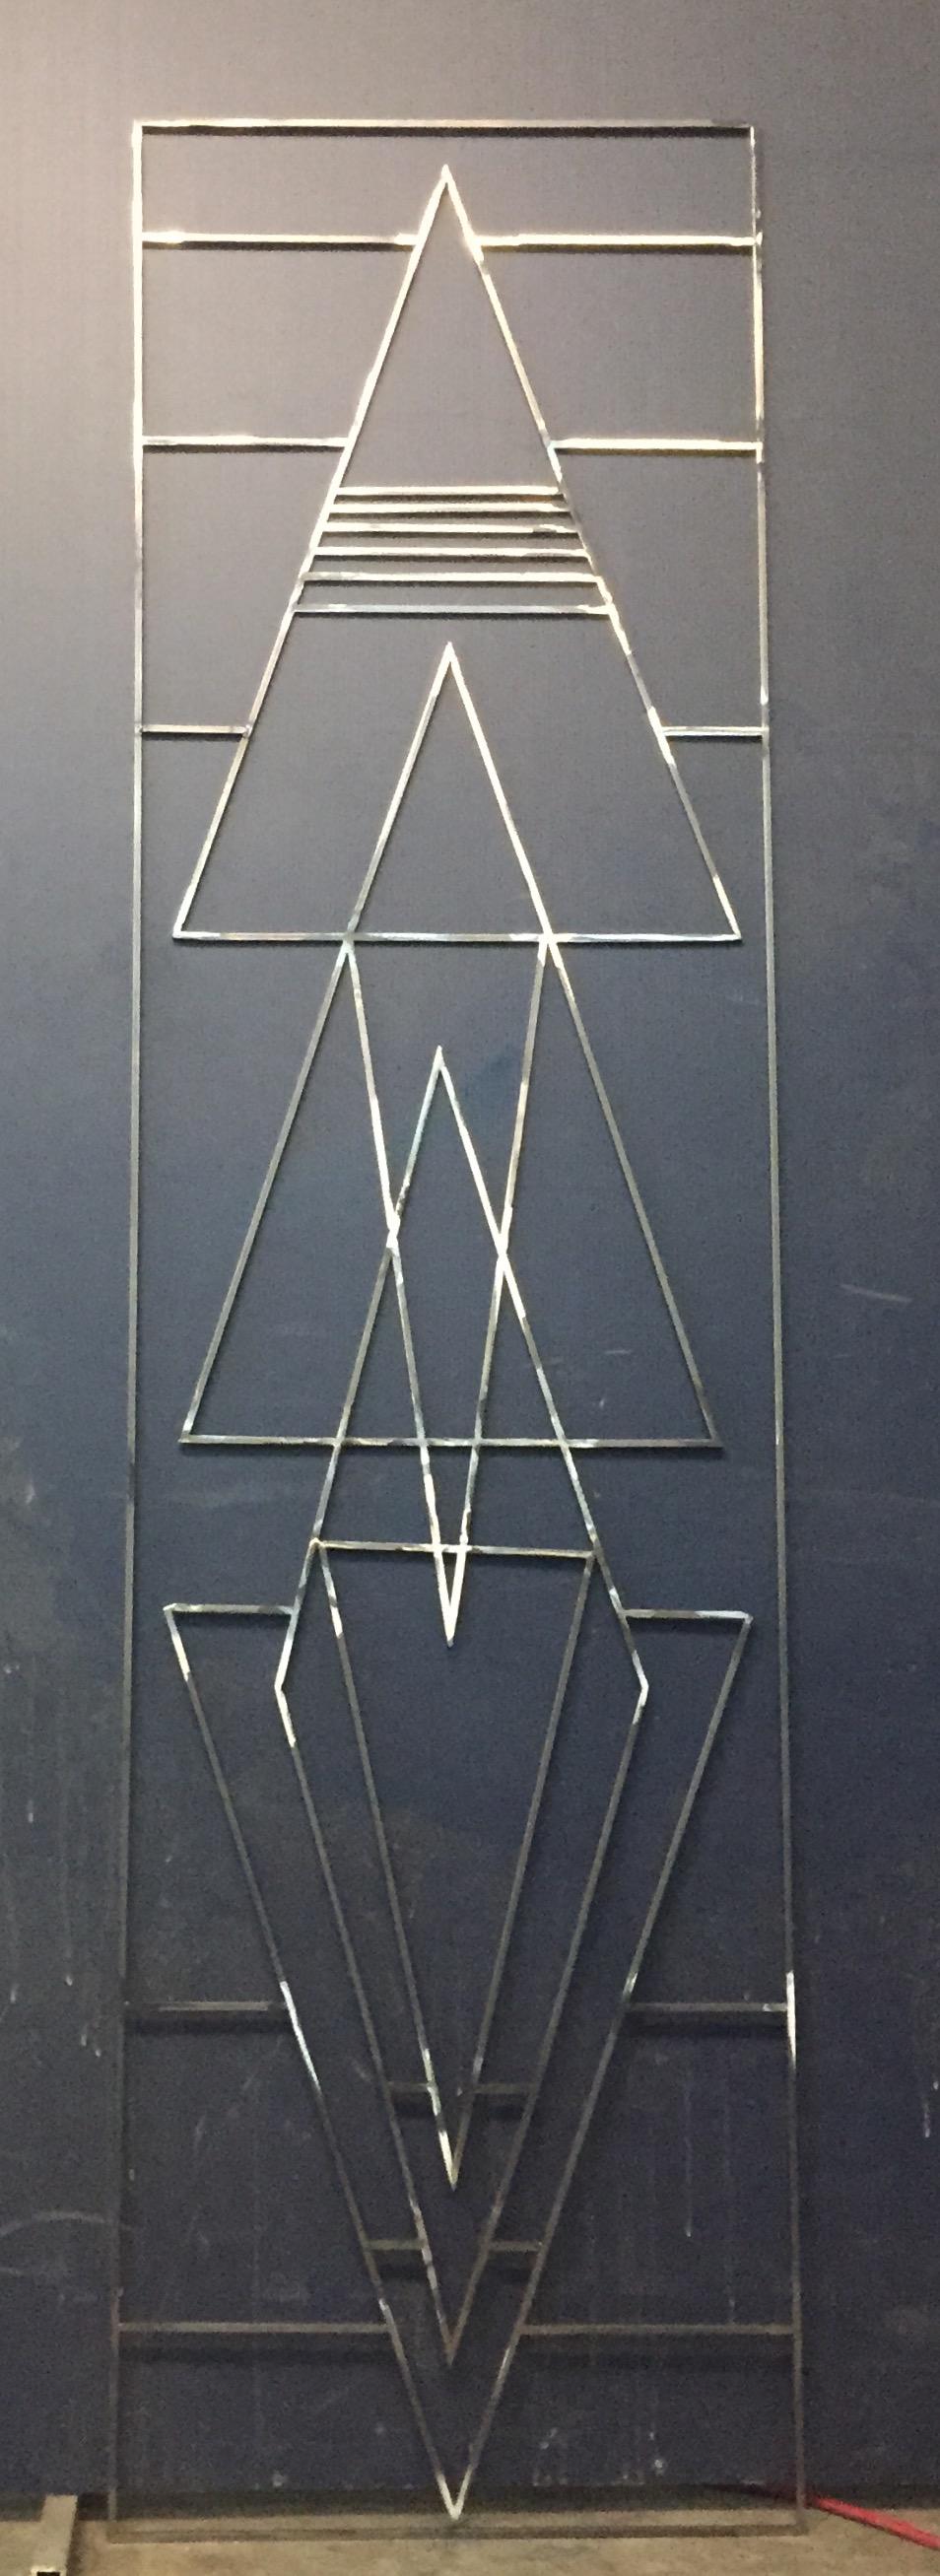 altar sigil 7 ft.jpg